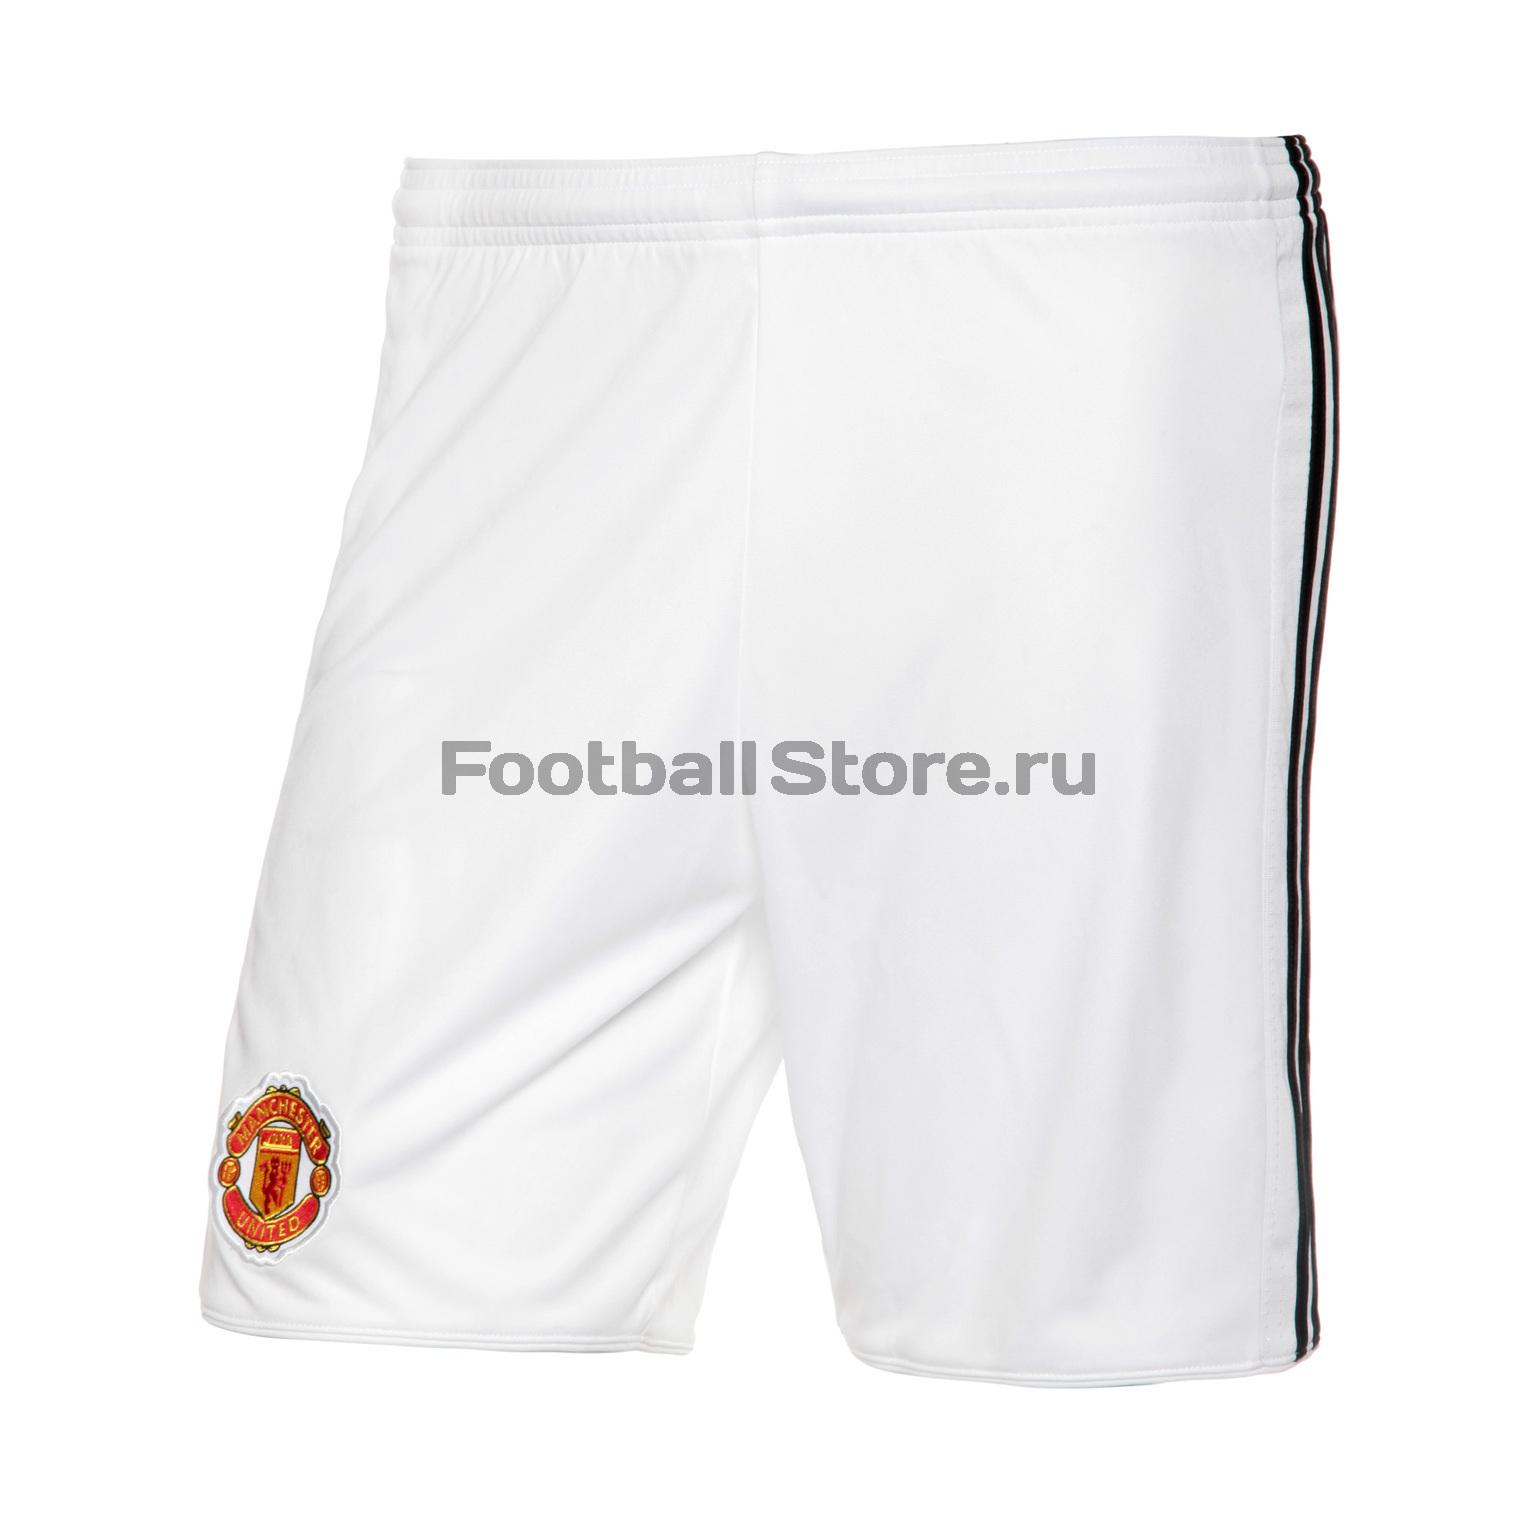 Шорты Adidas Manchester United Home BQ3739 цена